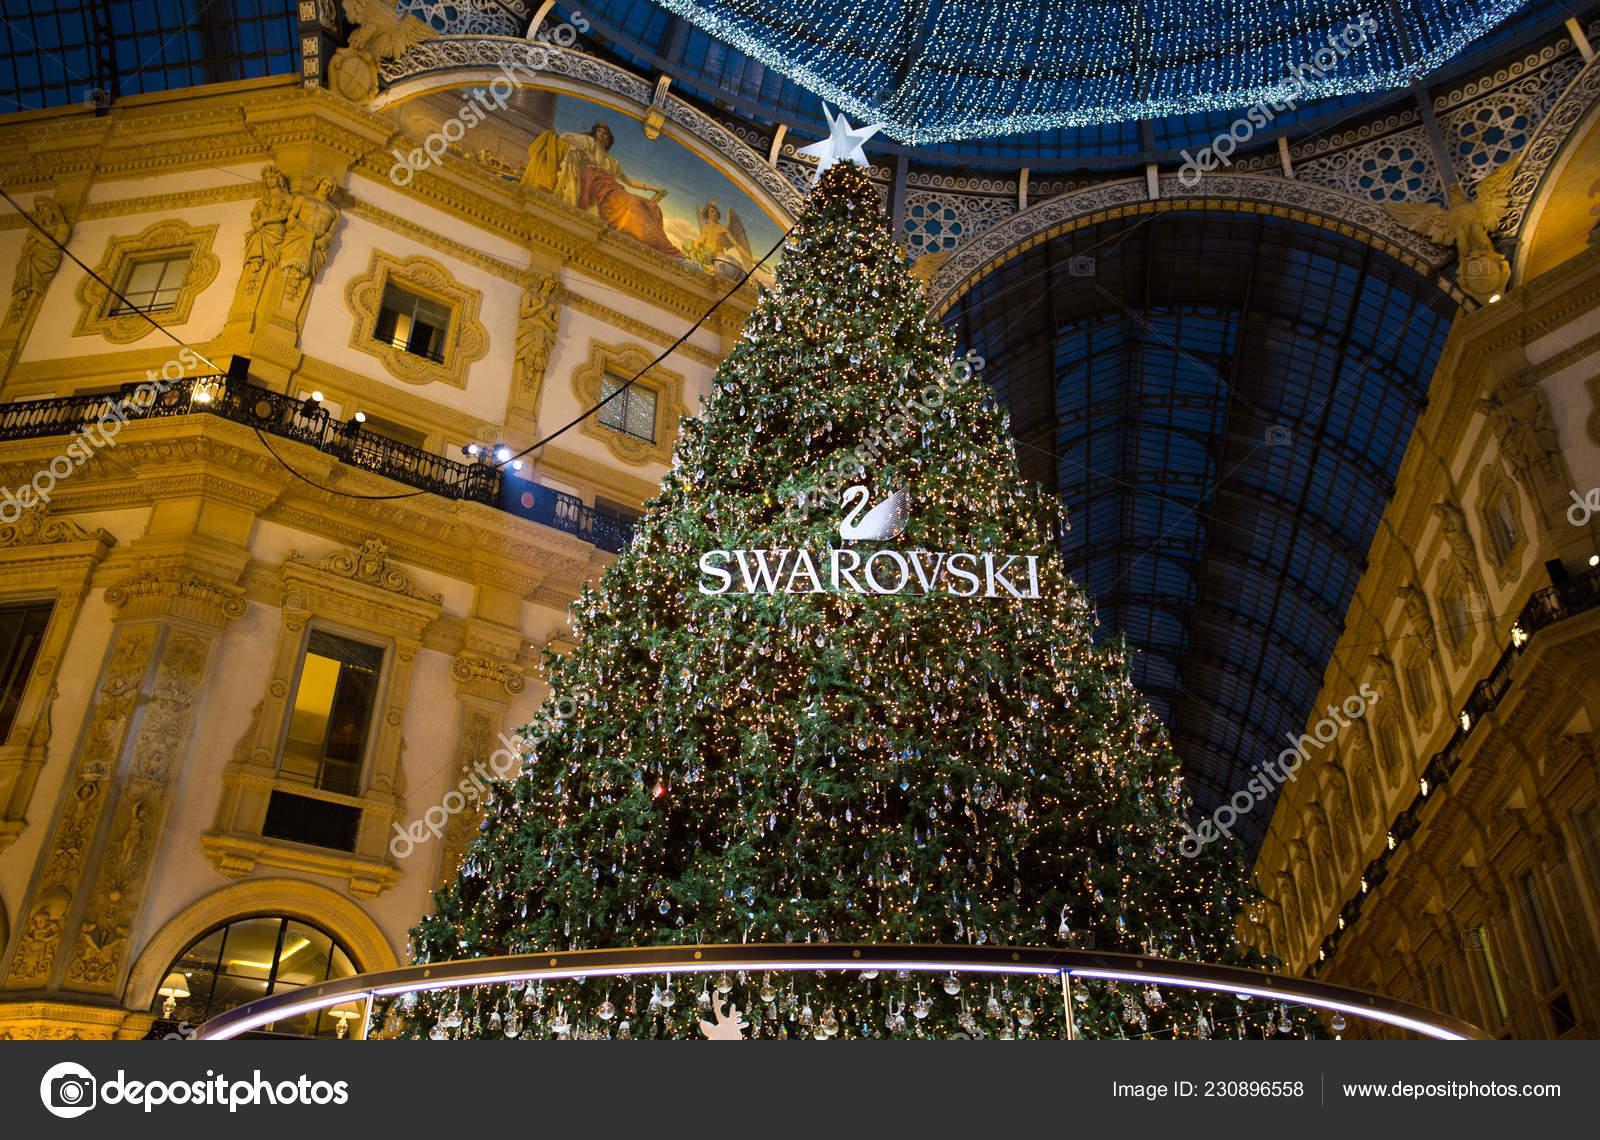 Albero Di Natale Yahoo.Milano Dicembre 2018 Galleria Vittorio Emanuele Milano Con Albero